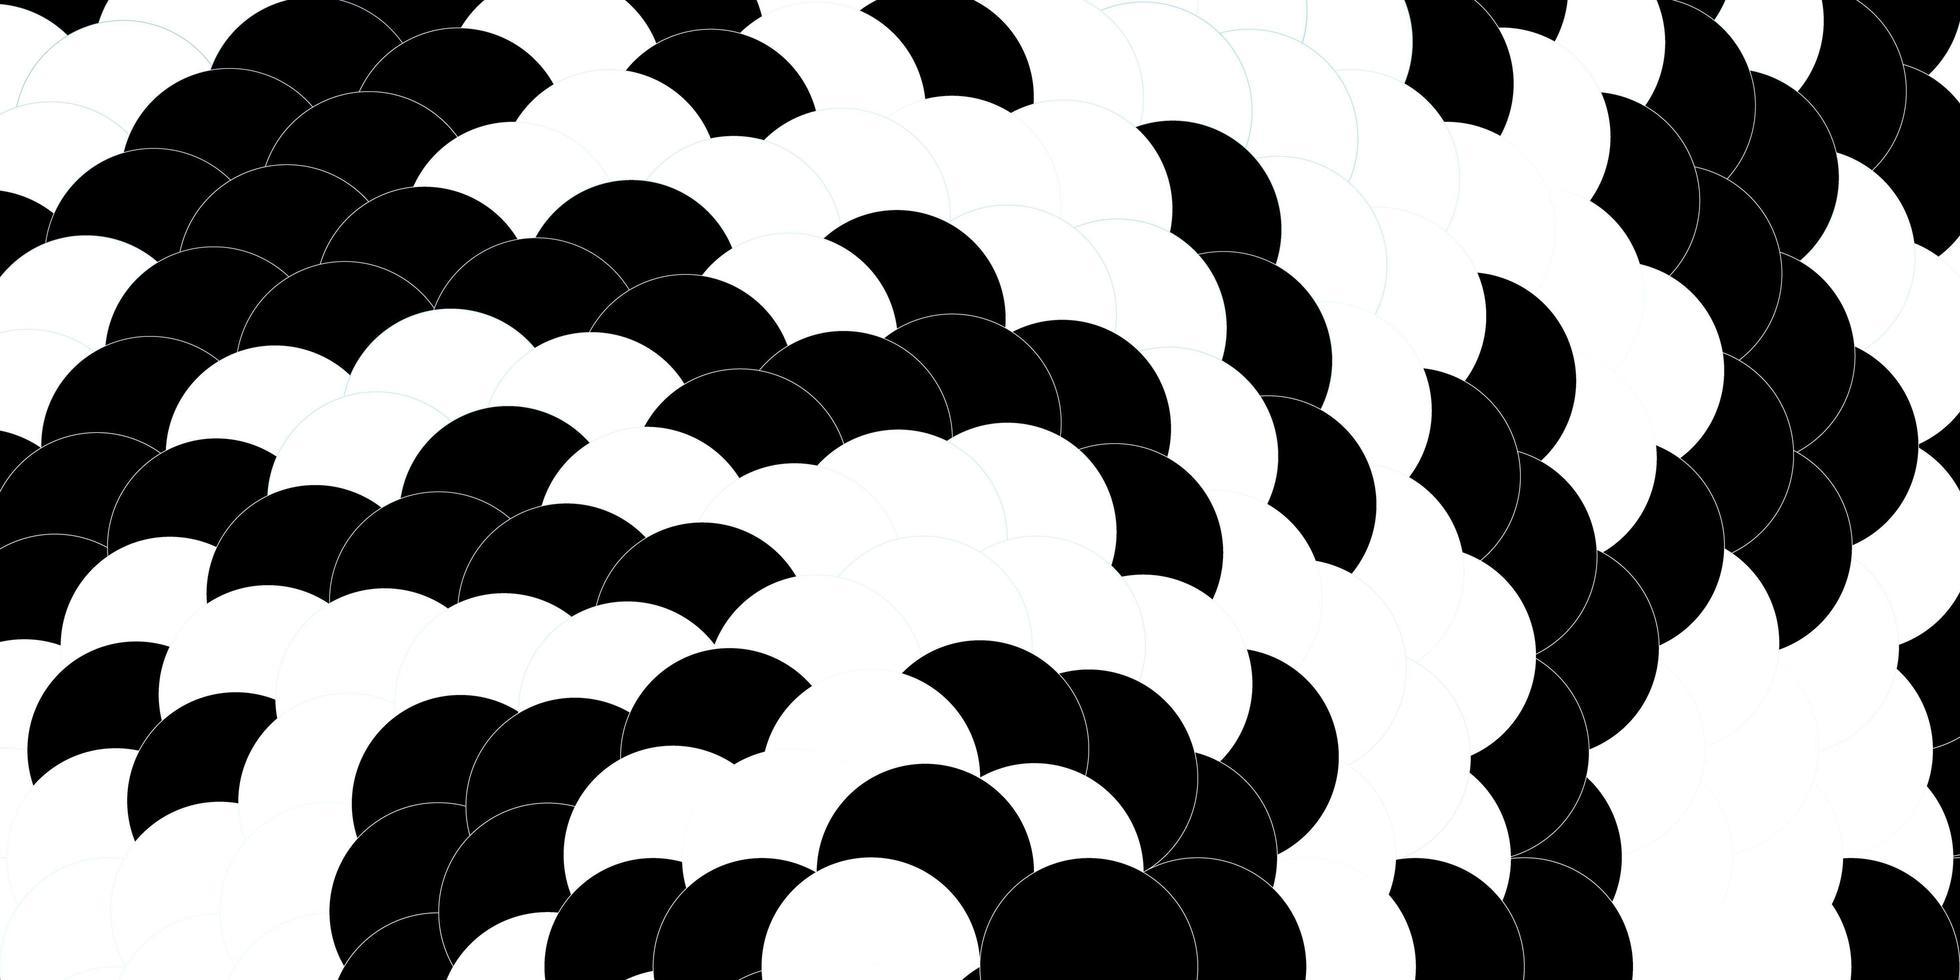 zwarte en blauwe textuur met schijven. vector